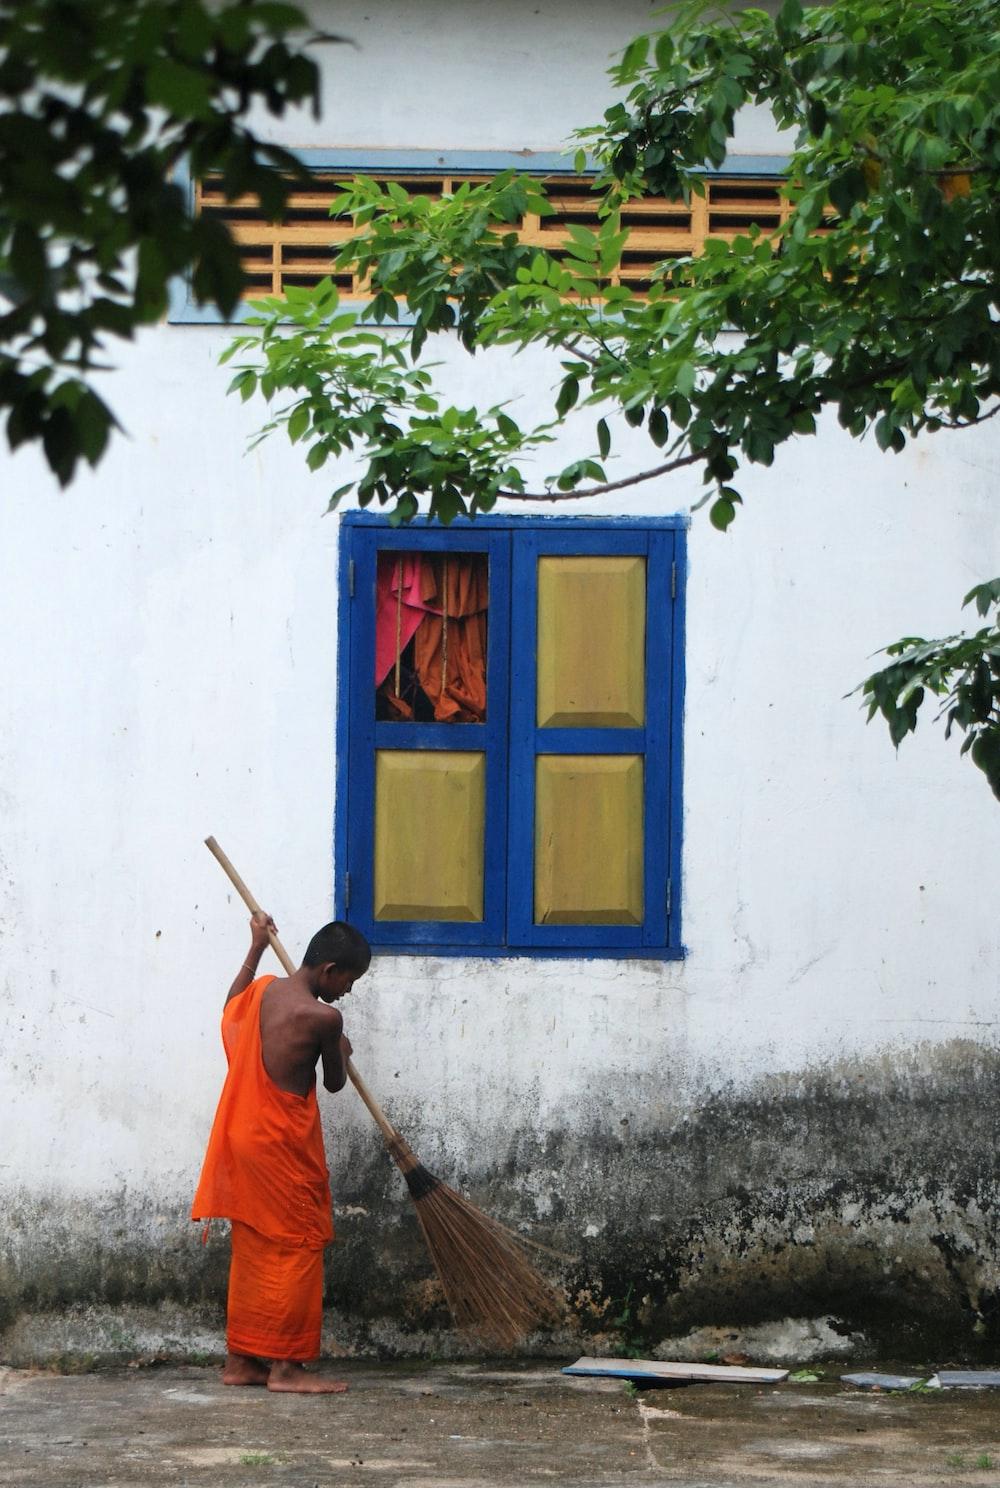 man in orange robe sitting beside blue wooden window